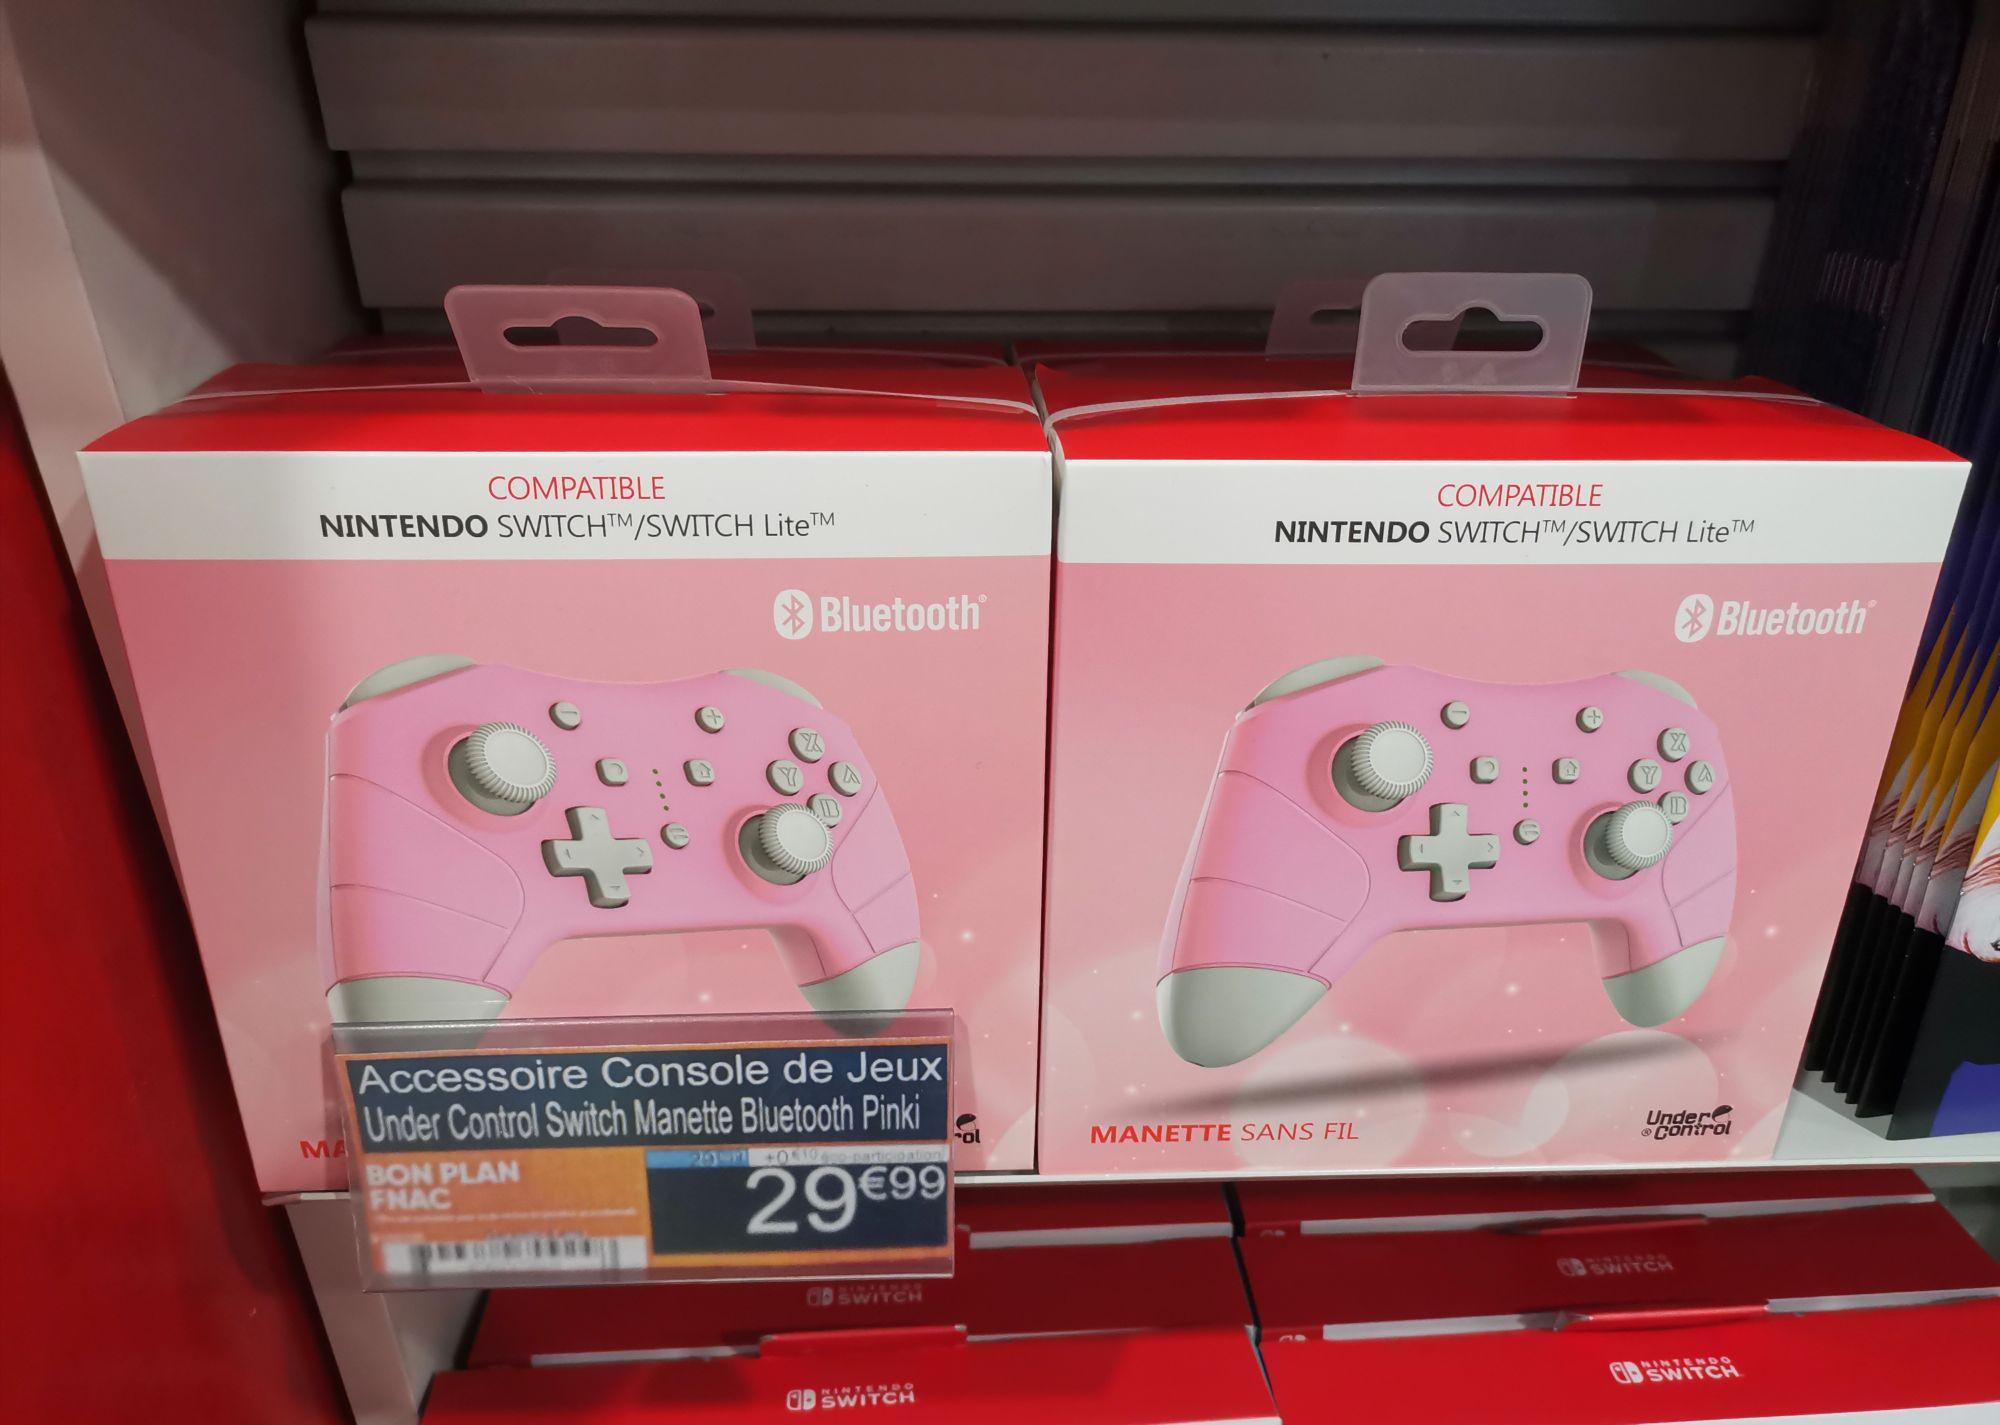 Sélection de manette Nintendo switch en promotion - Ex: Manette under control bluetooth Pinki - Ternes (75)